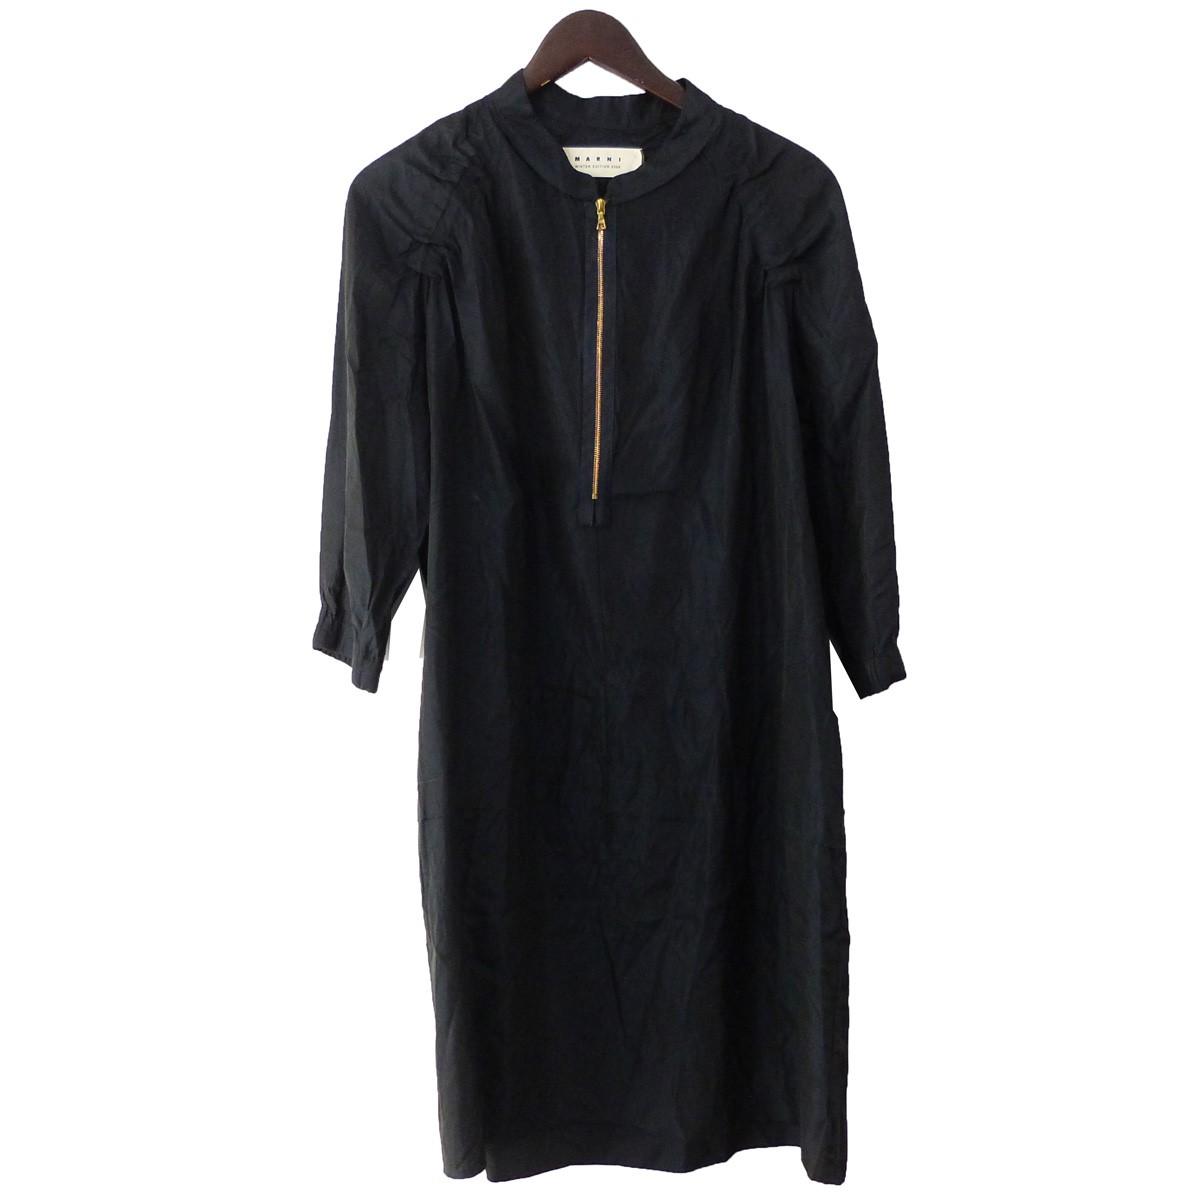 【中古】MARNI フロントZIPプルオーバーシャツ ブラック サイズ:42 【250220】(マルニ)